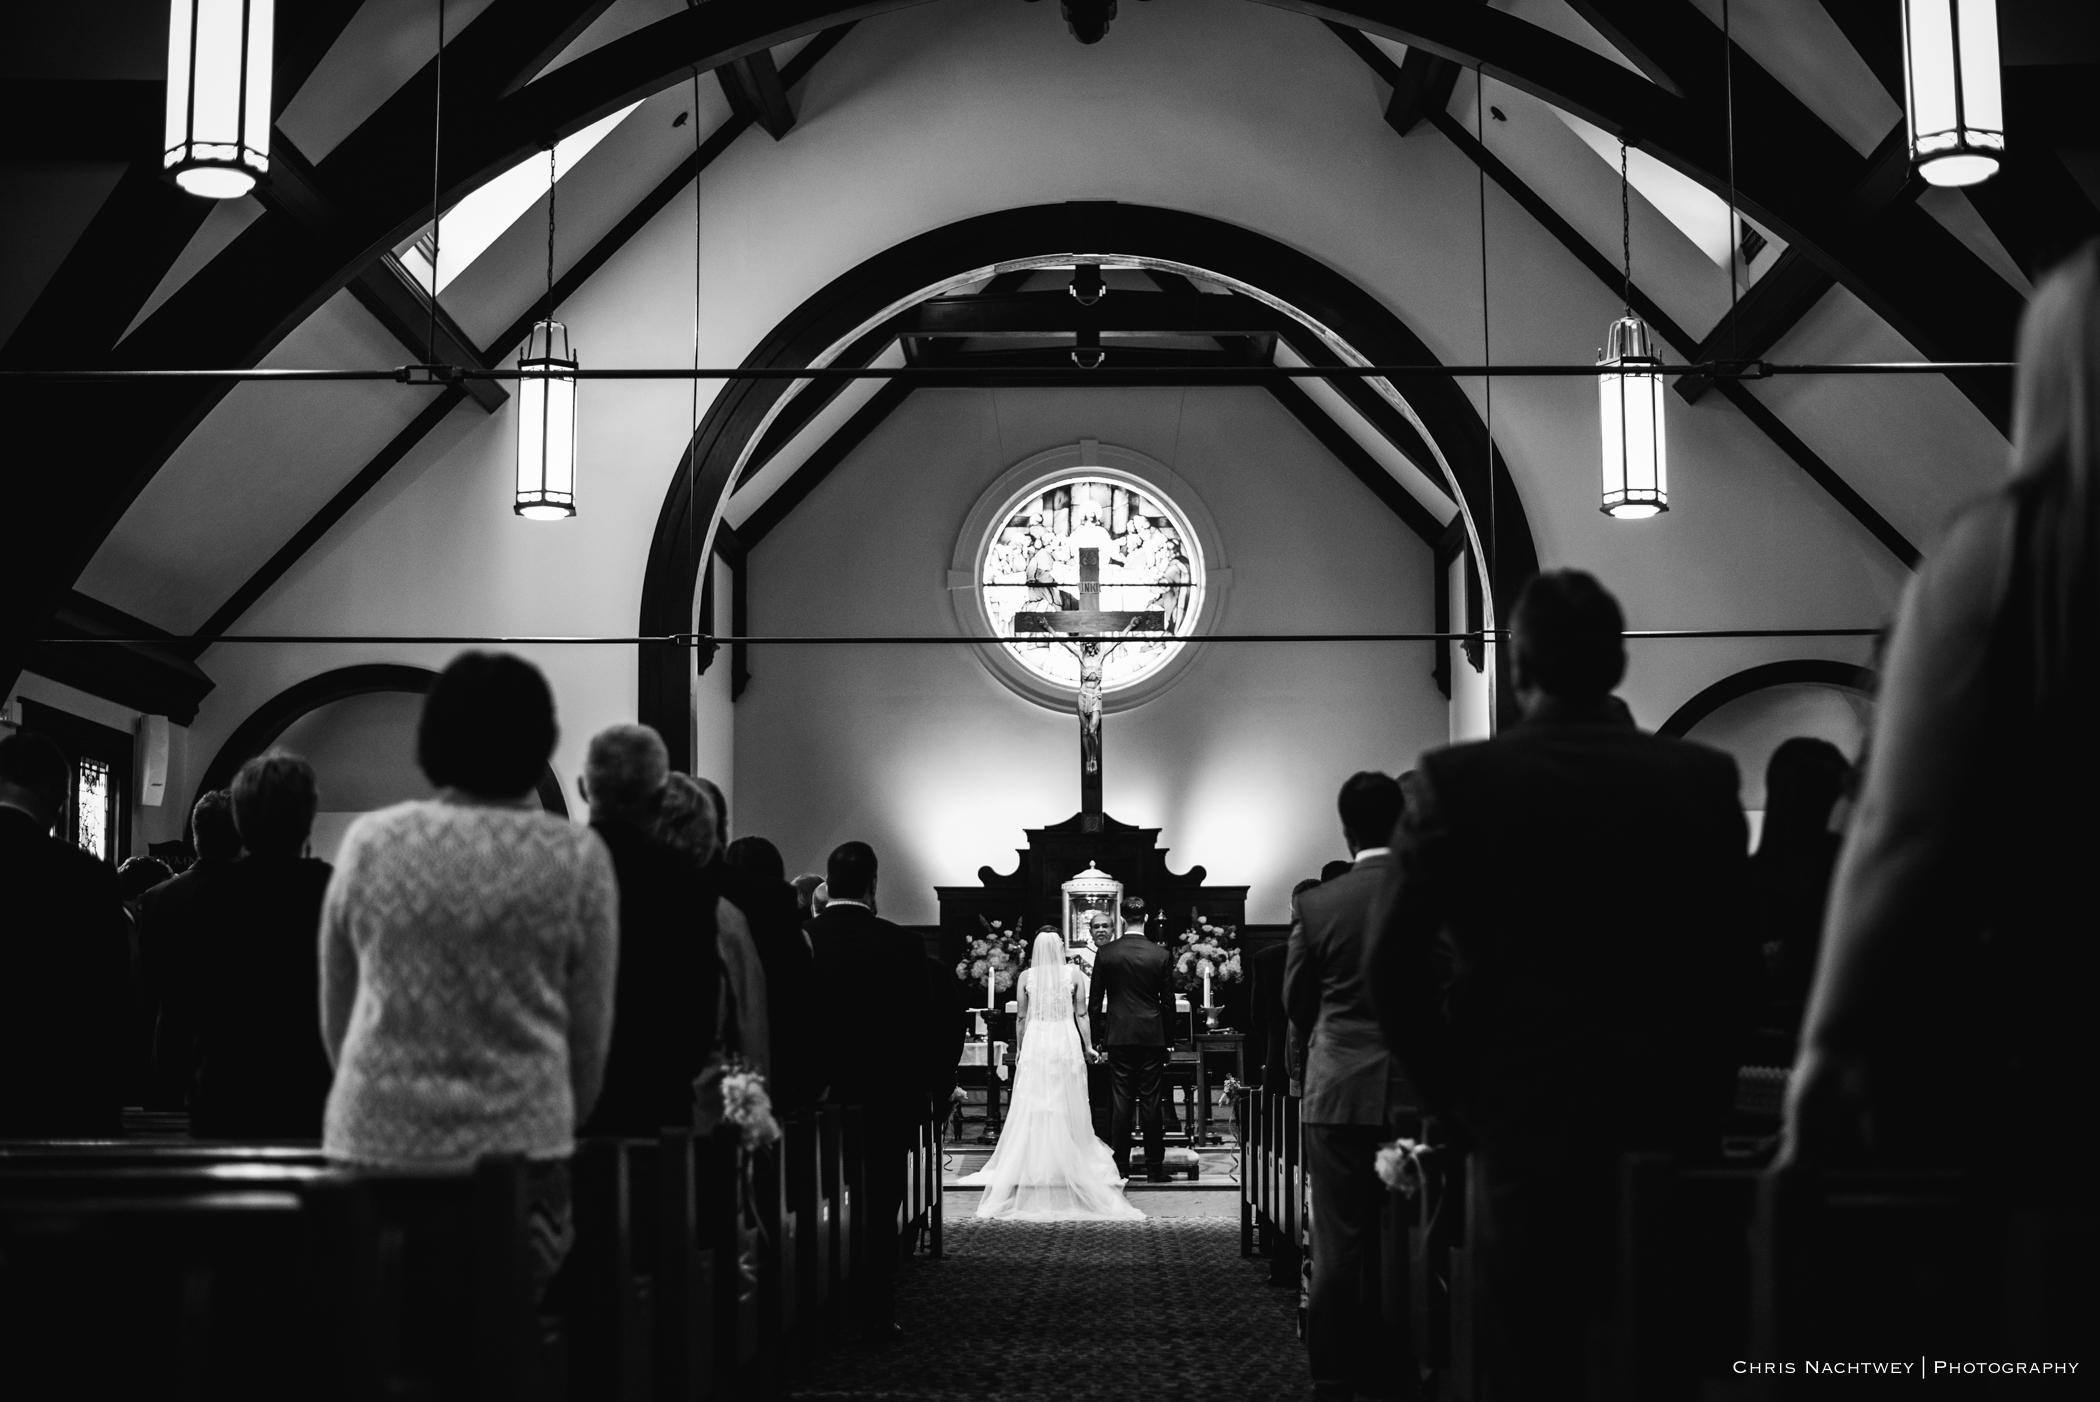 lauren-shaun-the-towers-ri-wedding-chris-nachtwey-photography-2017-21.jpg